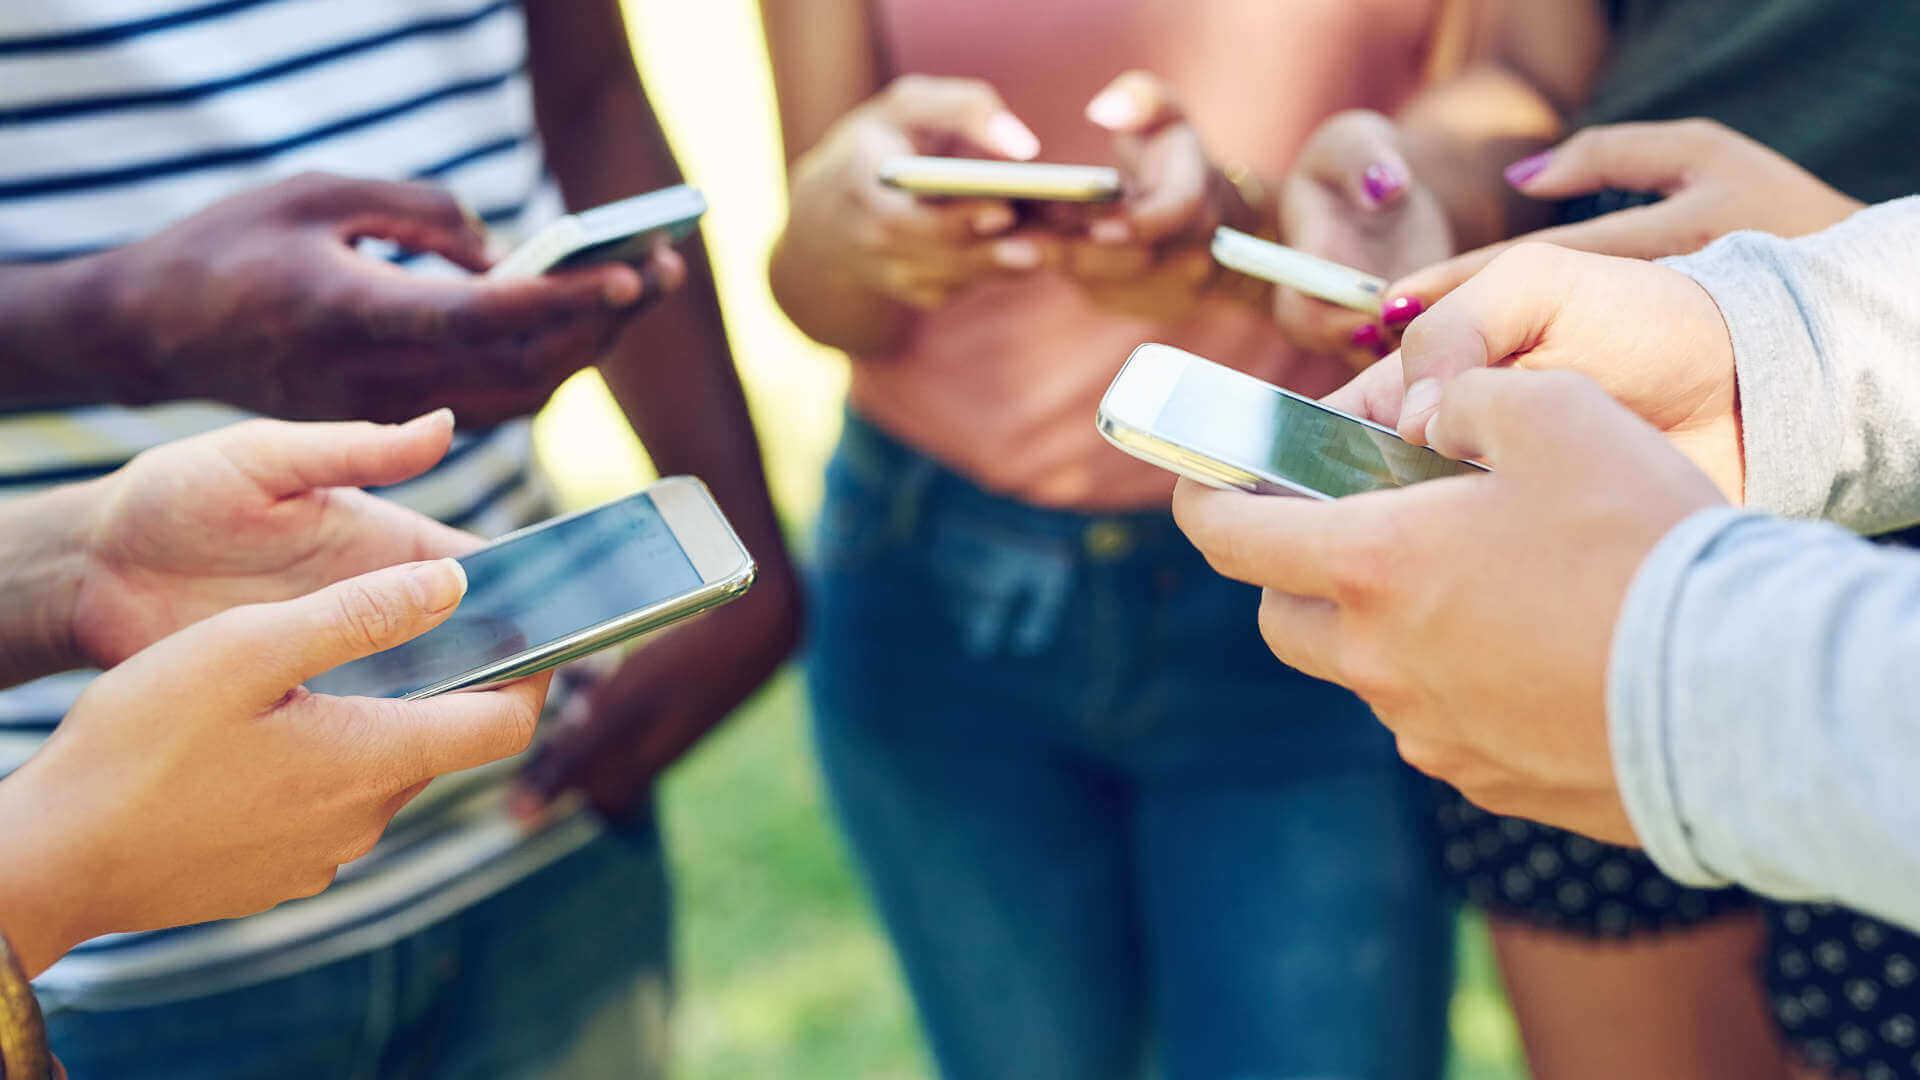 Адаптация сайта под мобильные устройства в Ставрополе за 5 000 руб.